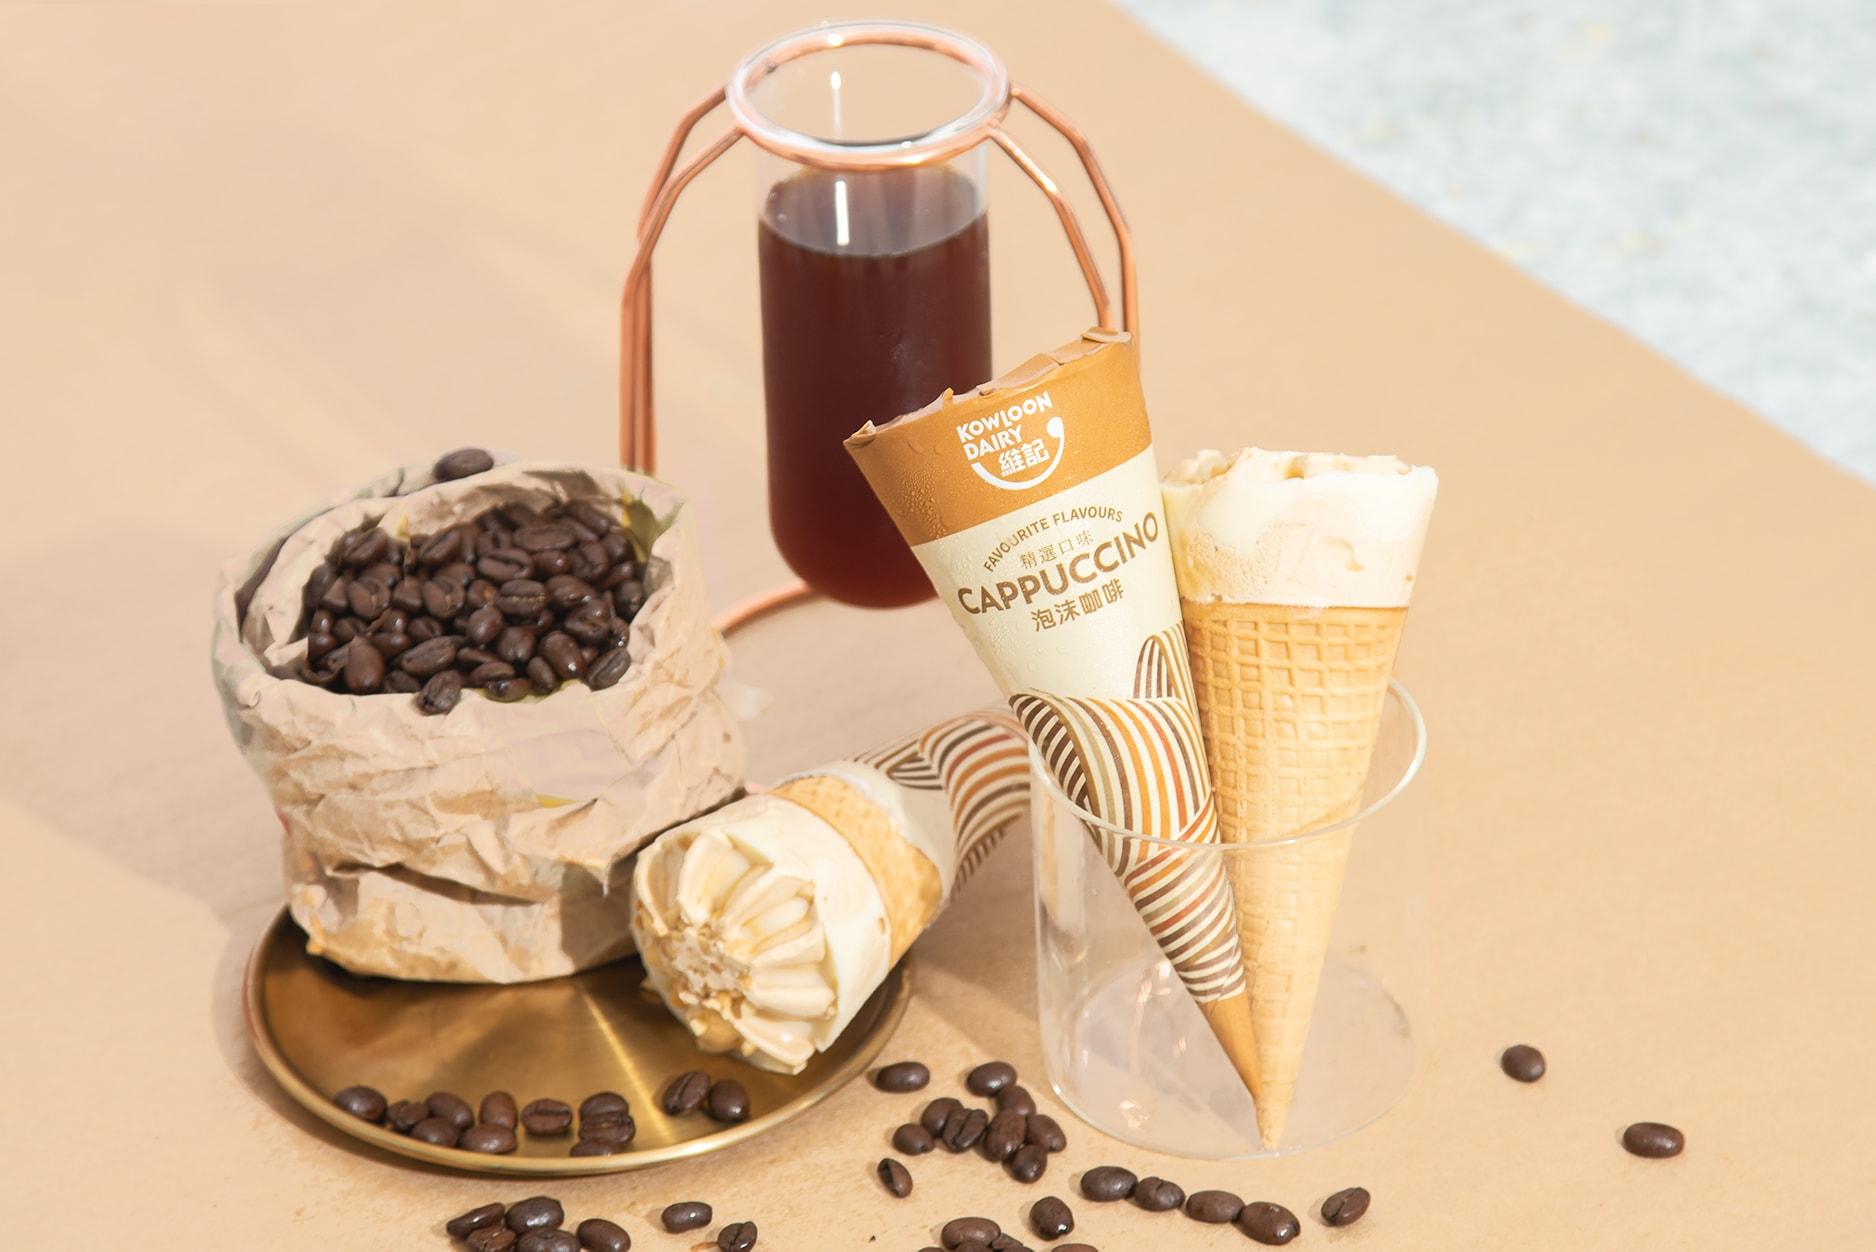 維記牛奶 Cappuccino 雪糕甜筒登場 咖啡迷點都要試